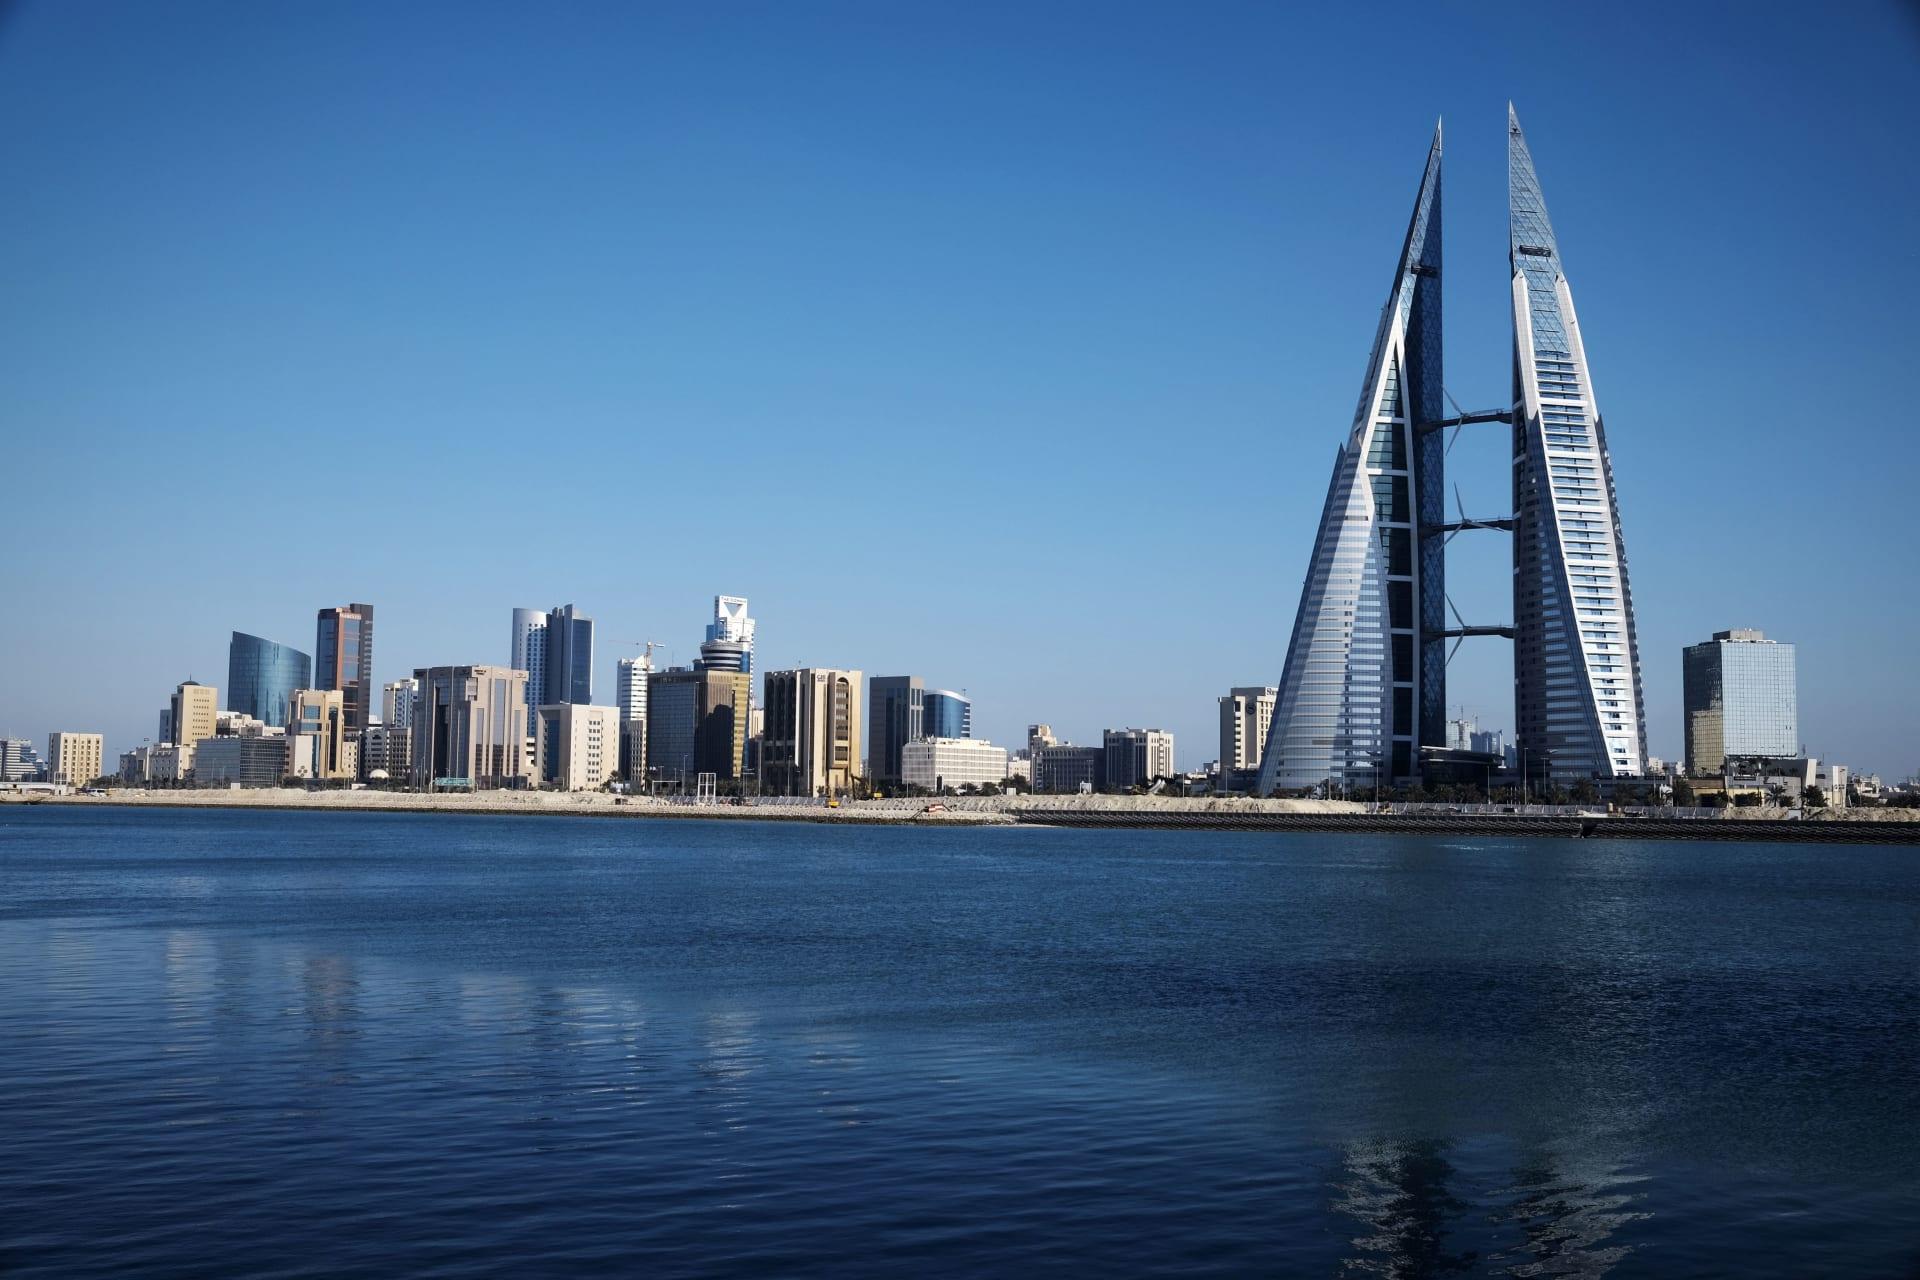 """بعد اكتشافه مؤخرا.. البحرين تبين حجم الحقل النفطي """"الأكبر بتاريخ البلاد"""""""